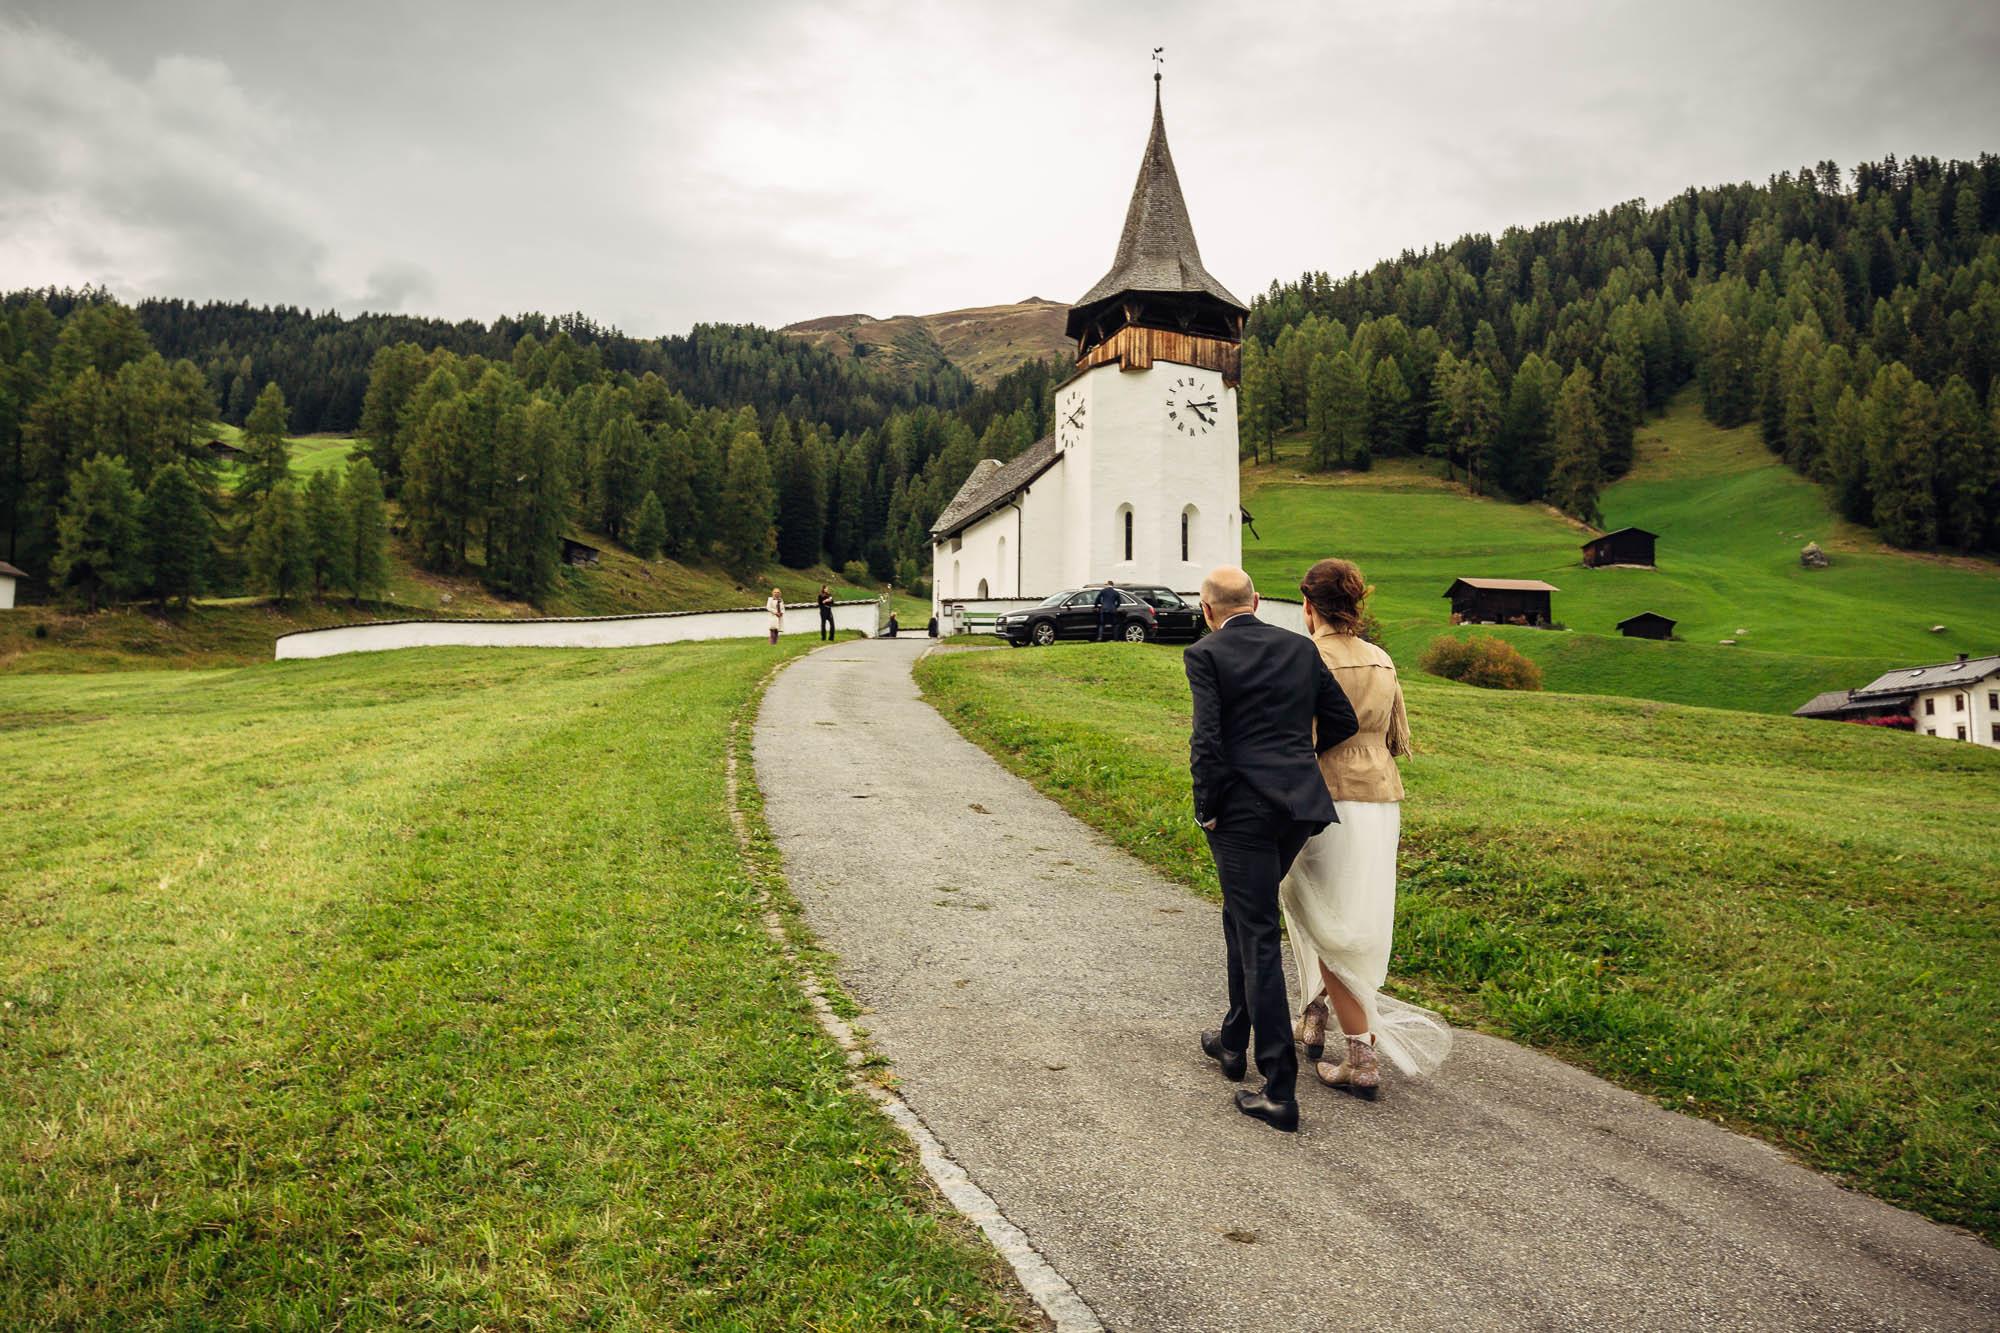 Hochzeit von Sandra & Yves in Klosters vom 01. Oktober 2016.